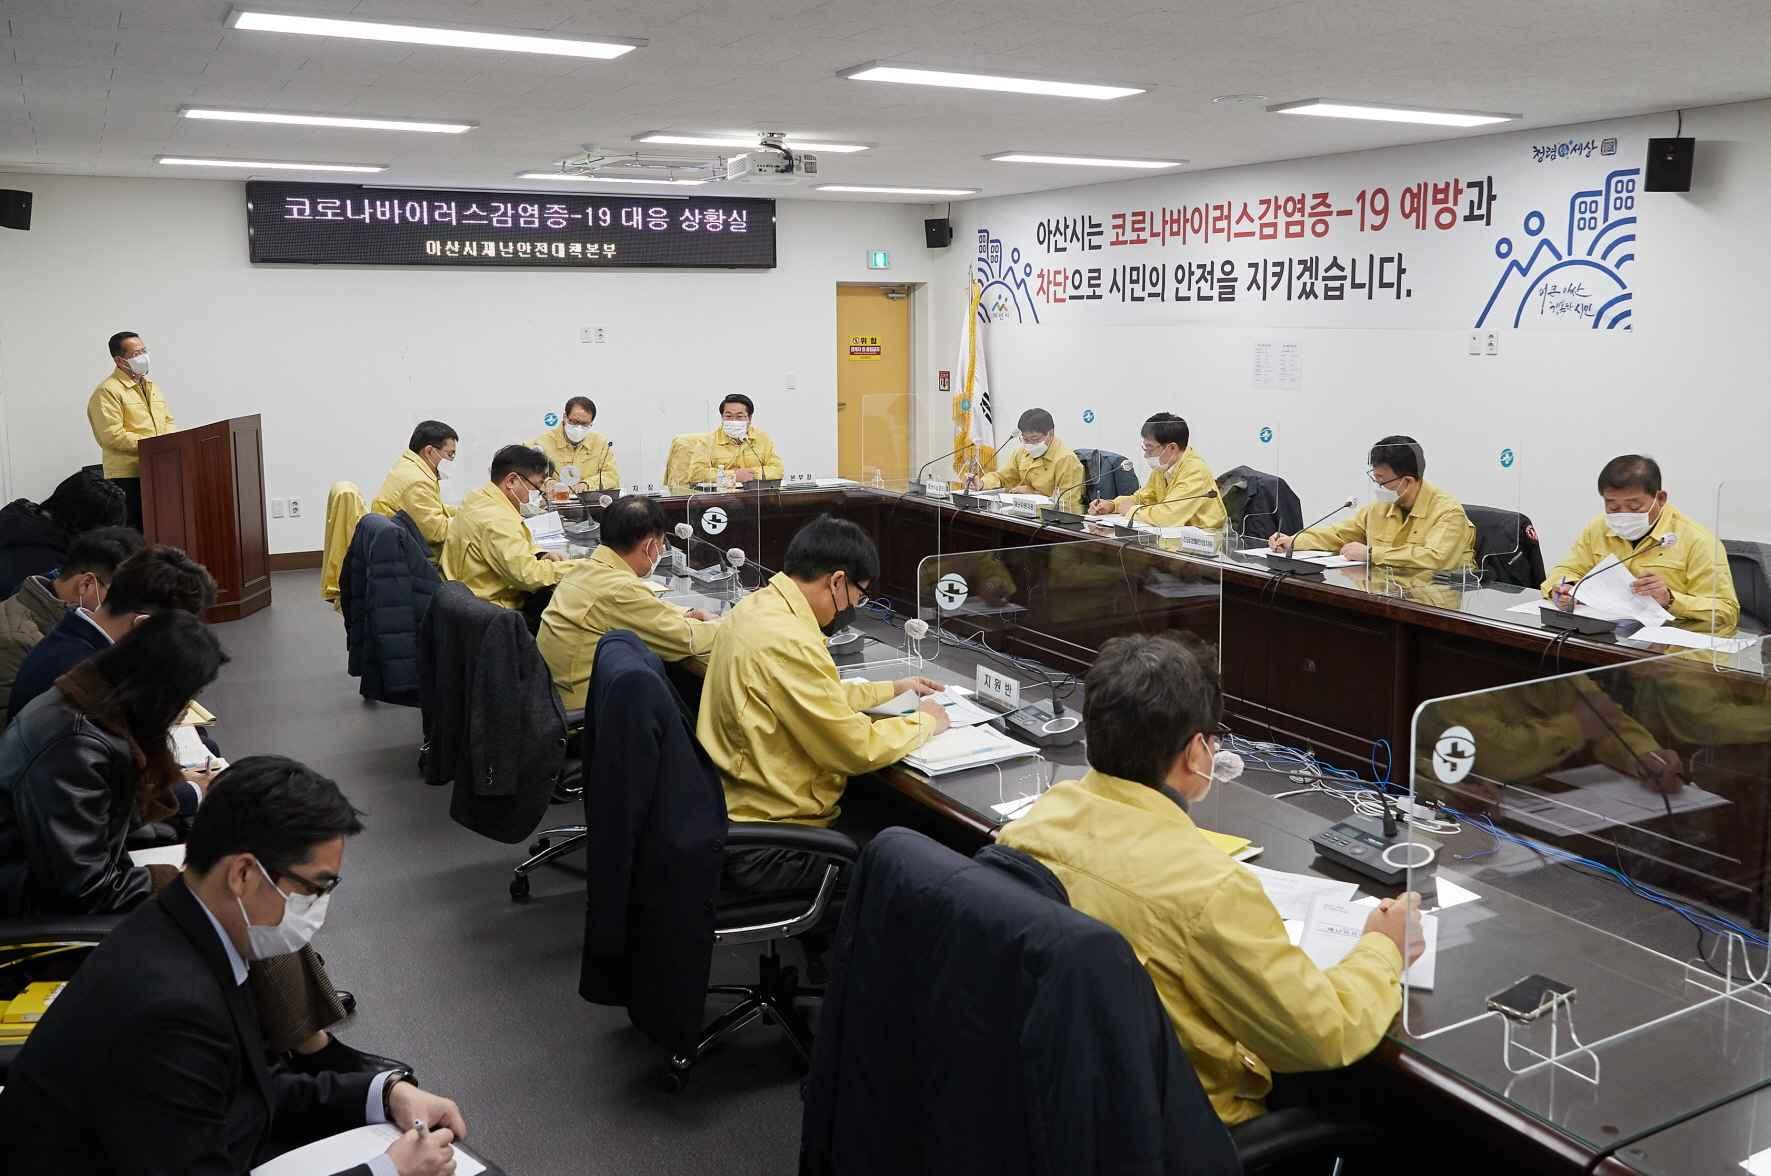 """오세현 시장 """"코로나19 백신 접종 이르면 설 전 시작... 철저한 계획 설계하자""""  관련사진"""